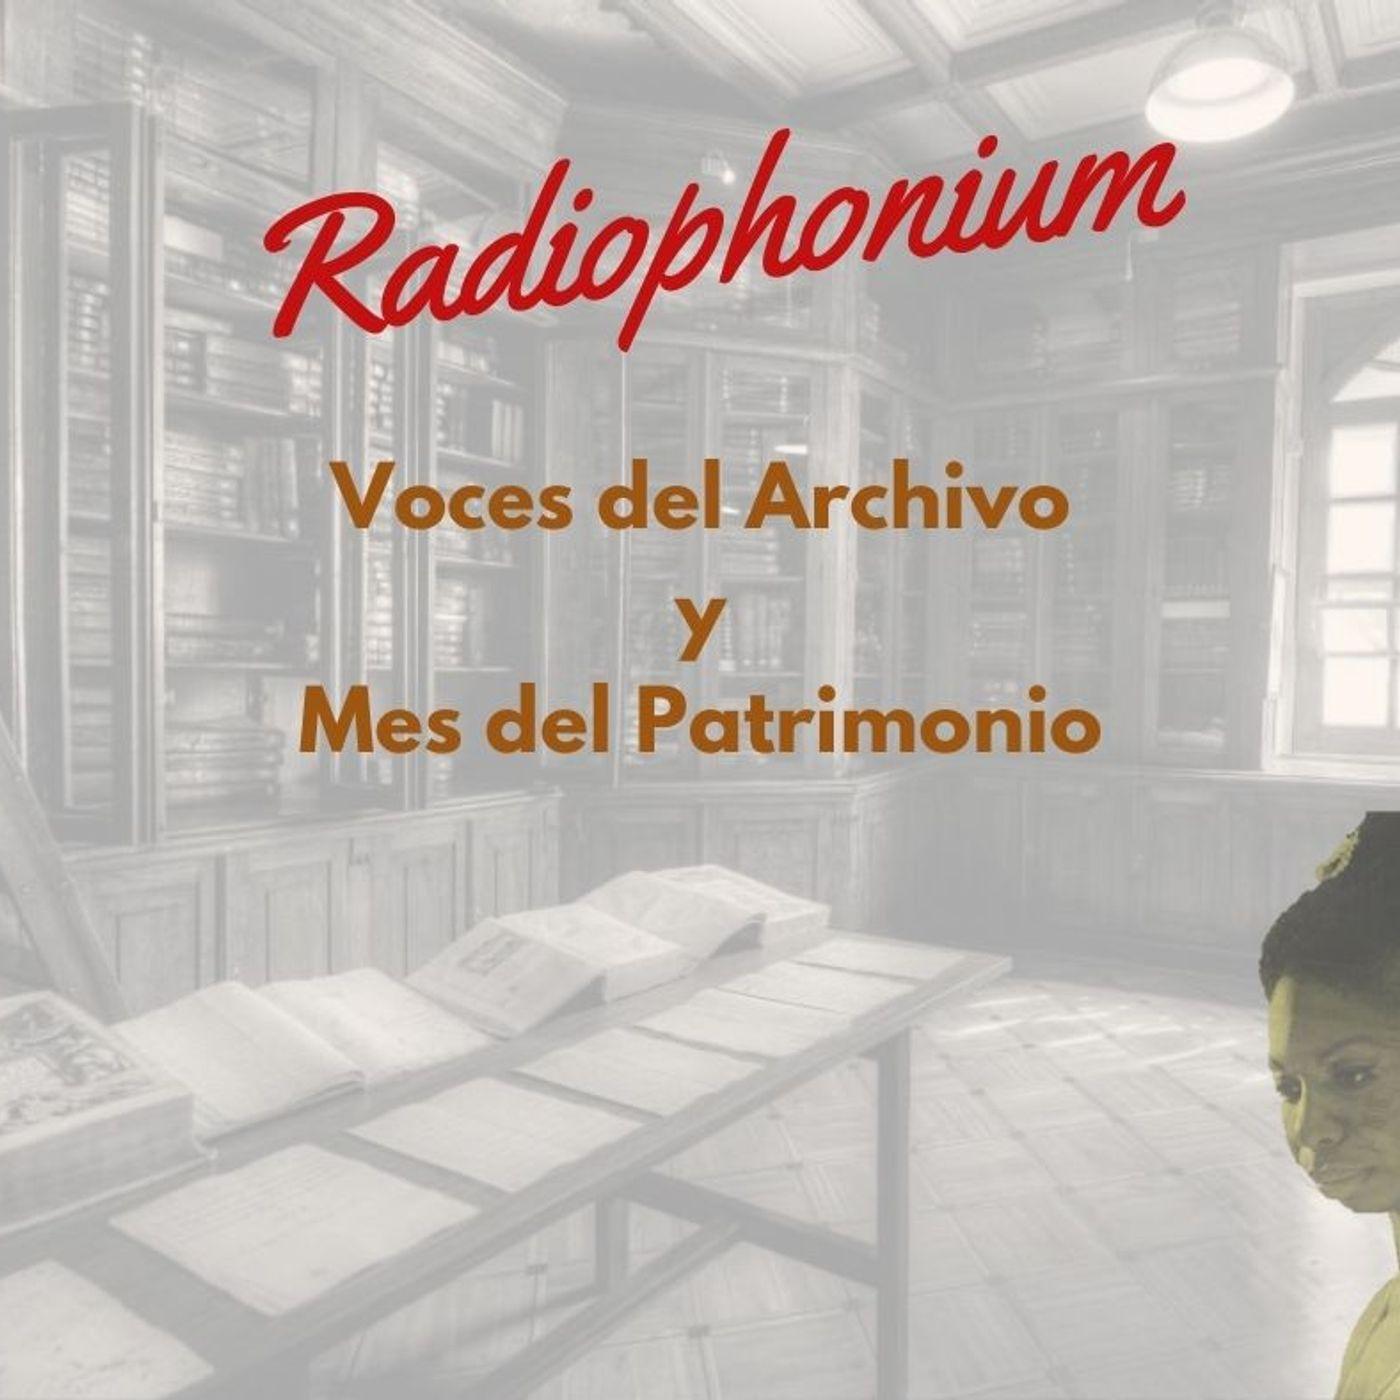 Voces del archivo y mes del patrimonio